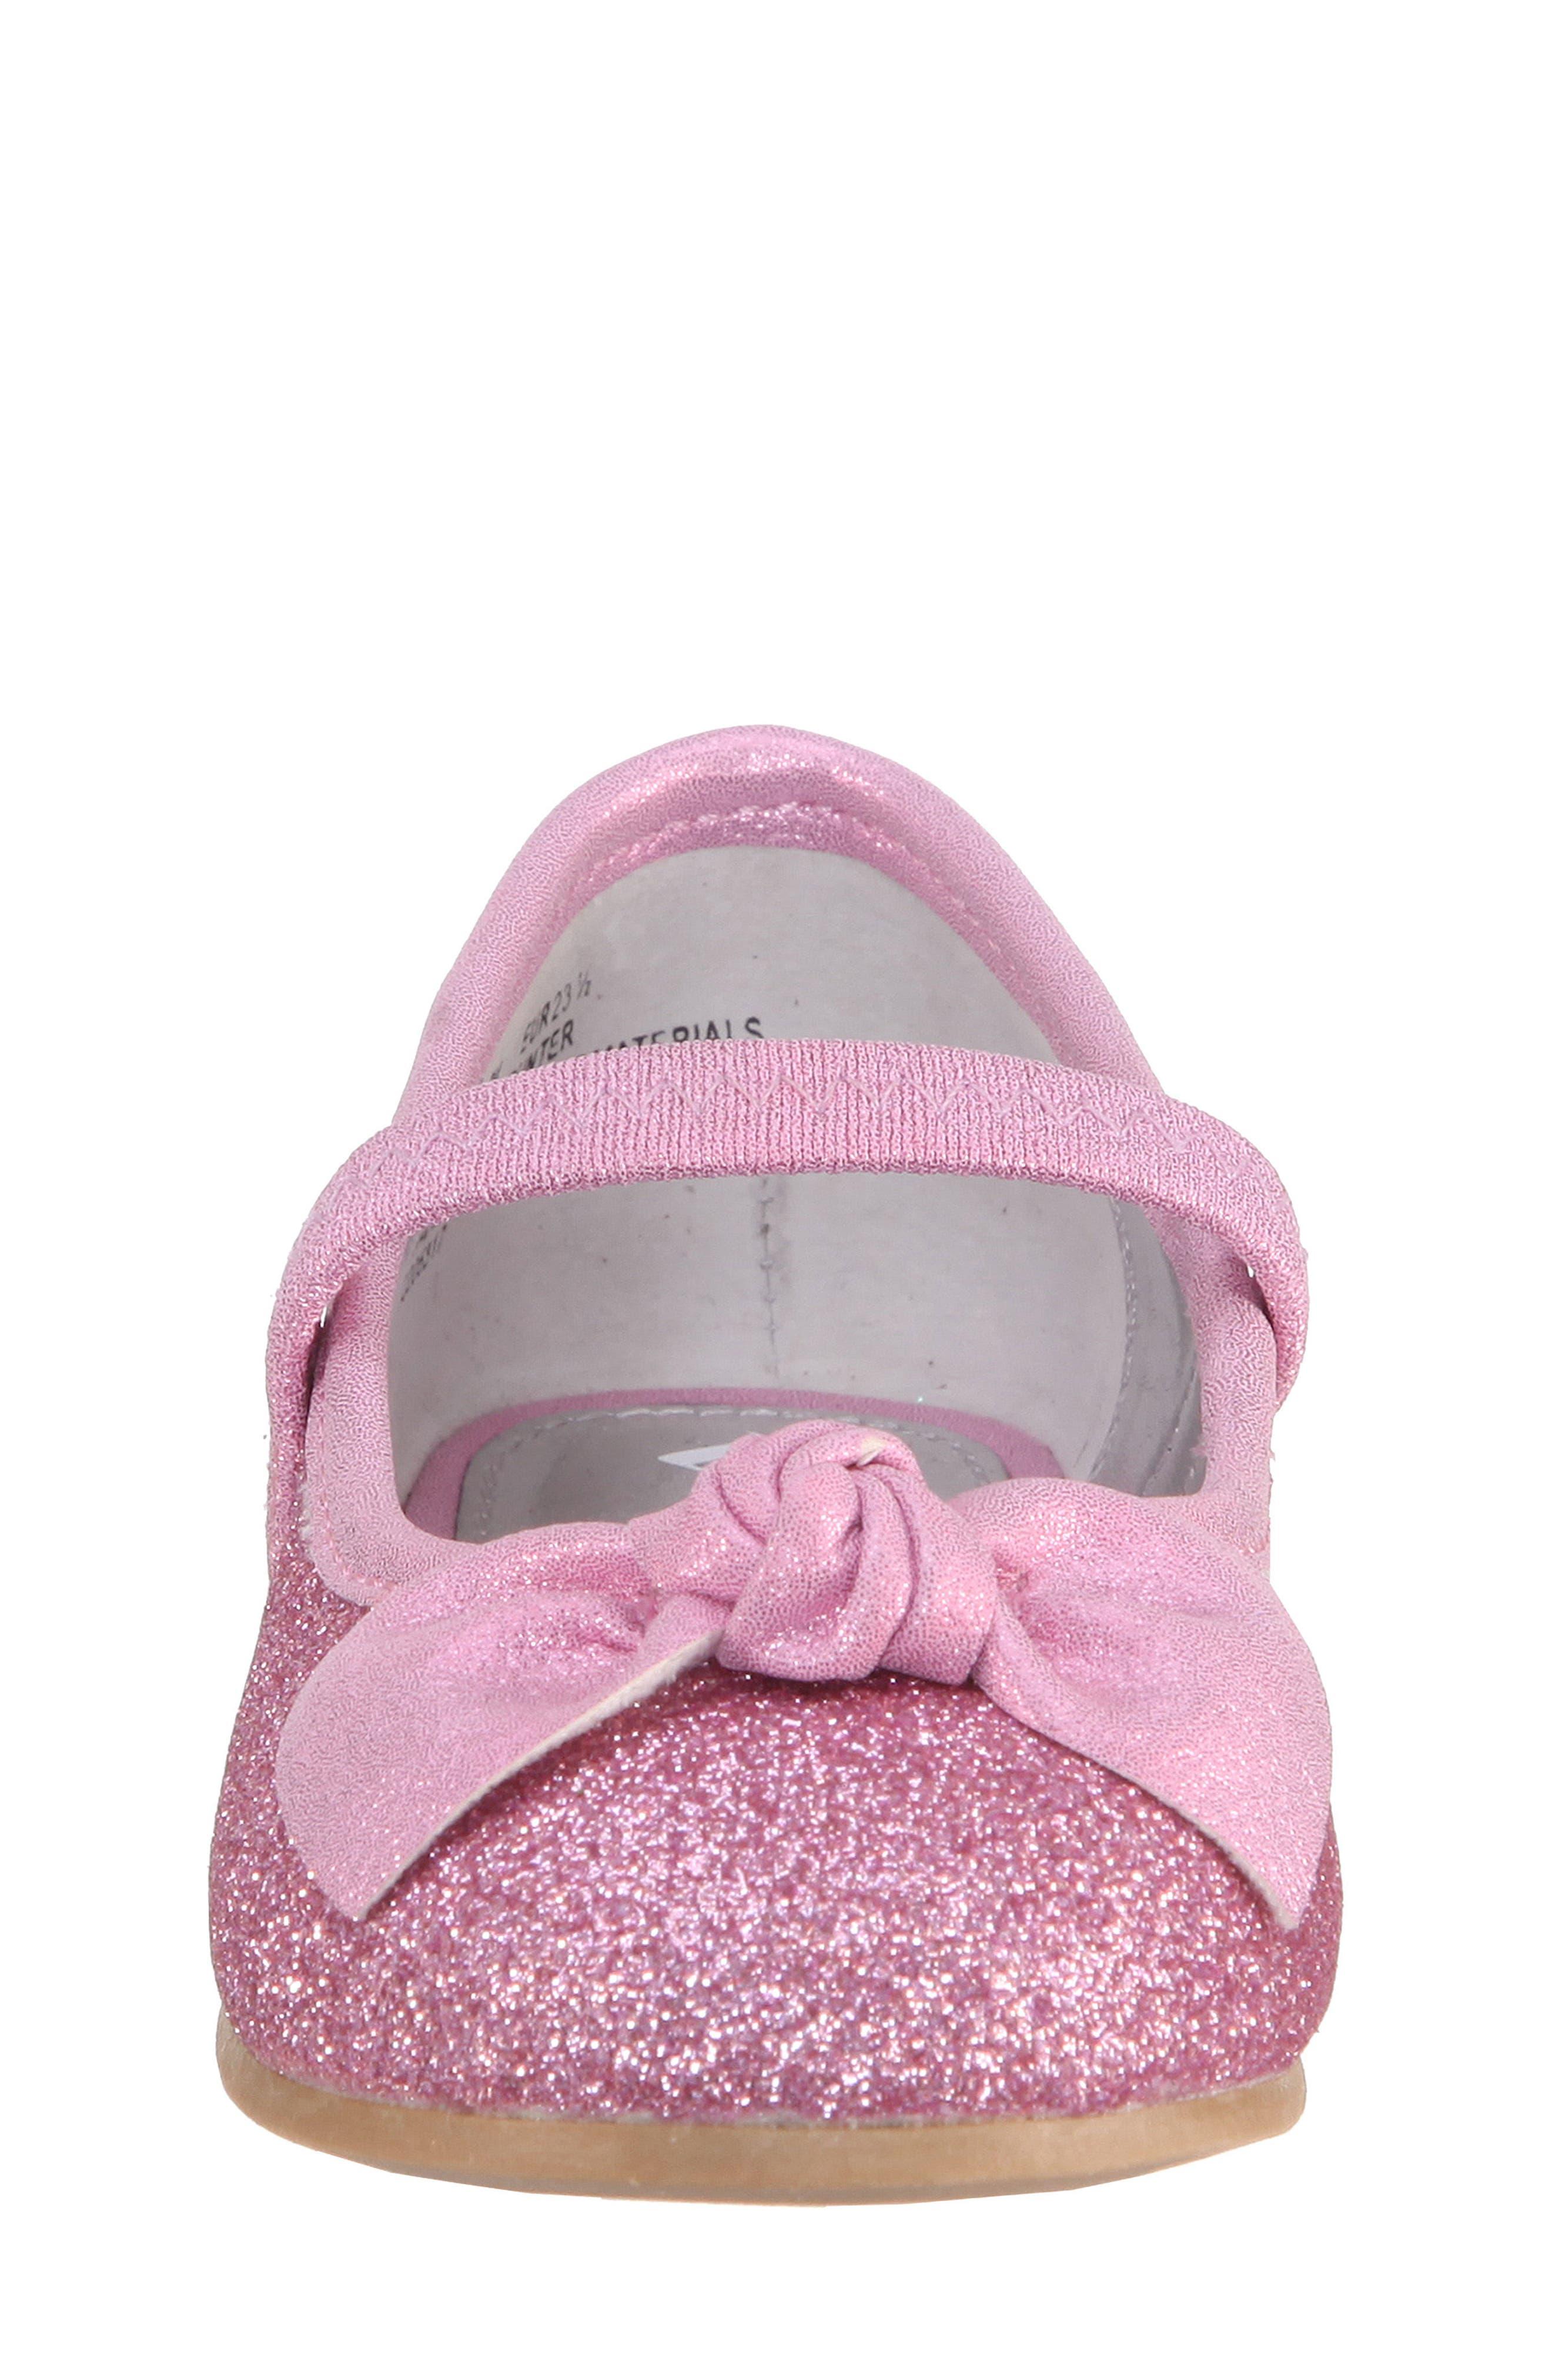 Larabeth-T Glitter Bow Ballet Flat,                             Alternate thumbnail 4, color,                             Light Pink Metallic/ Glitter